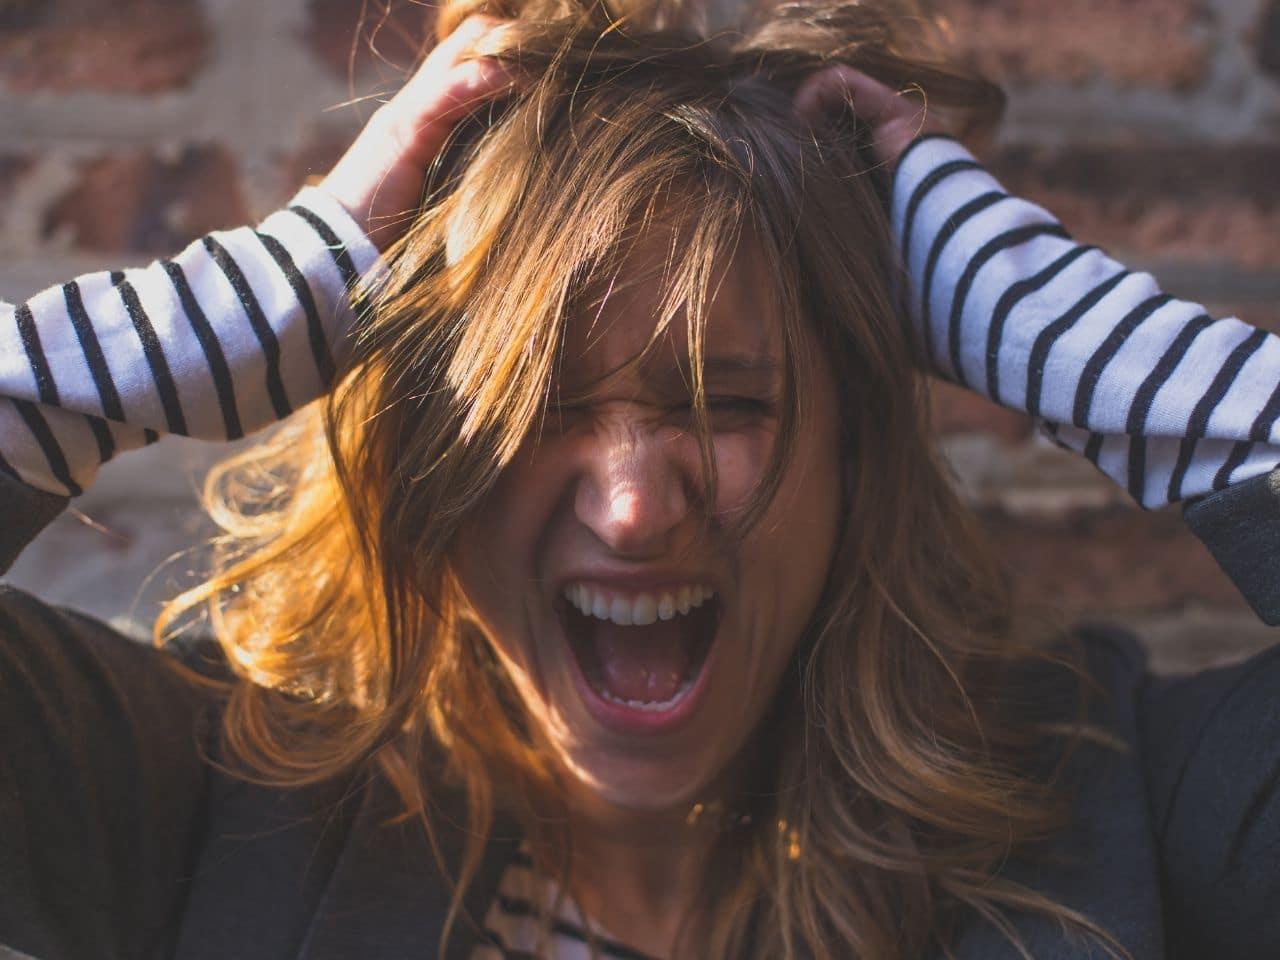 発狂して髪をかきむしる女性